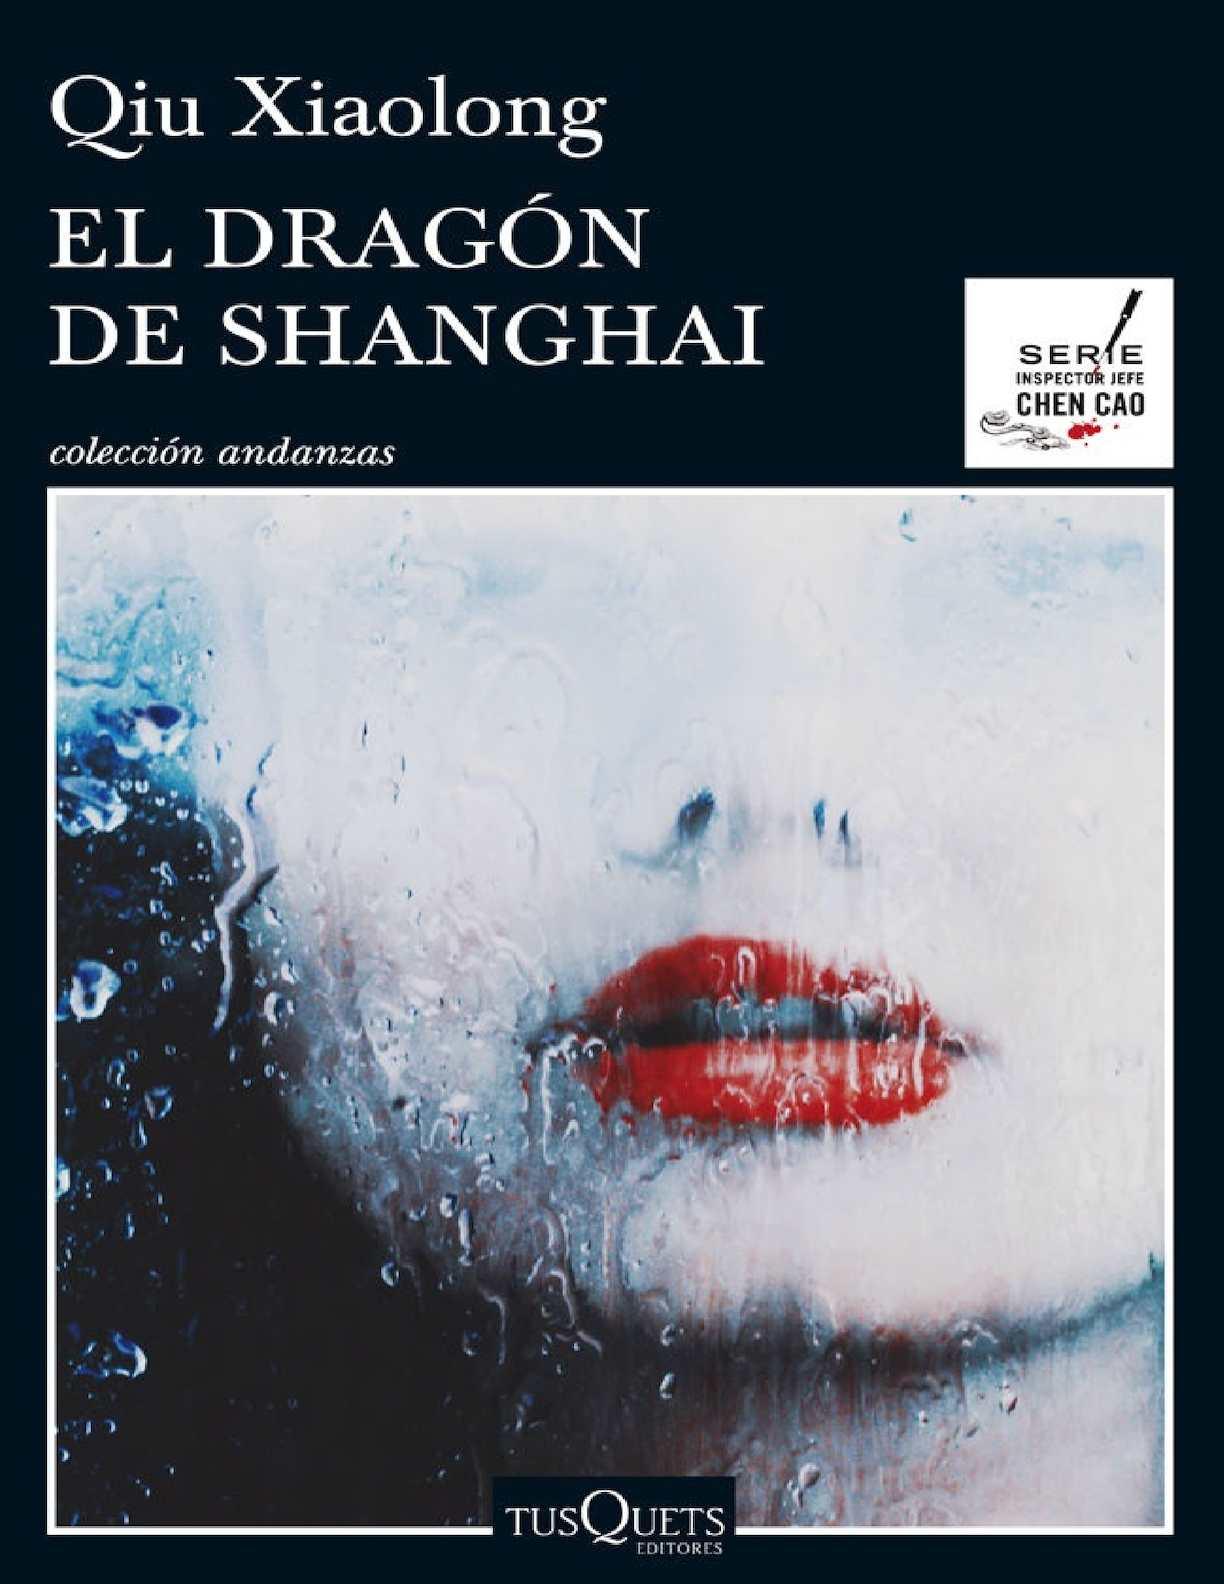 Calaméo - El Dragon De Shanghai Qiu Xiaolong